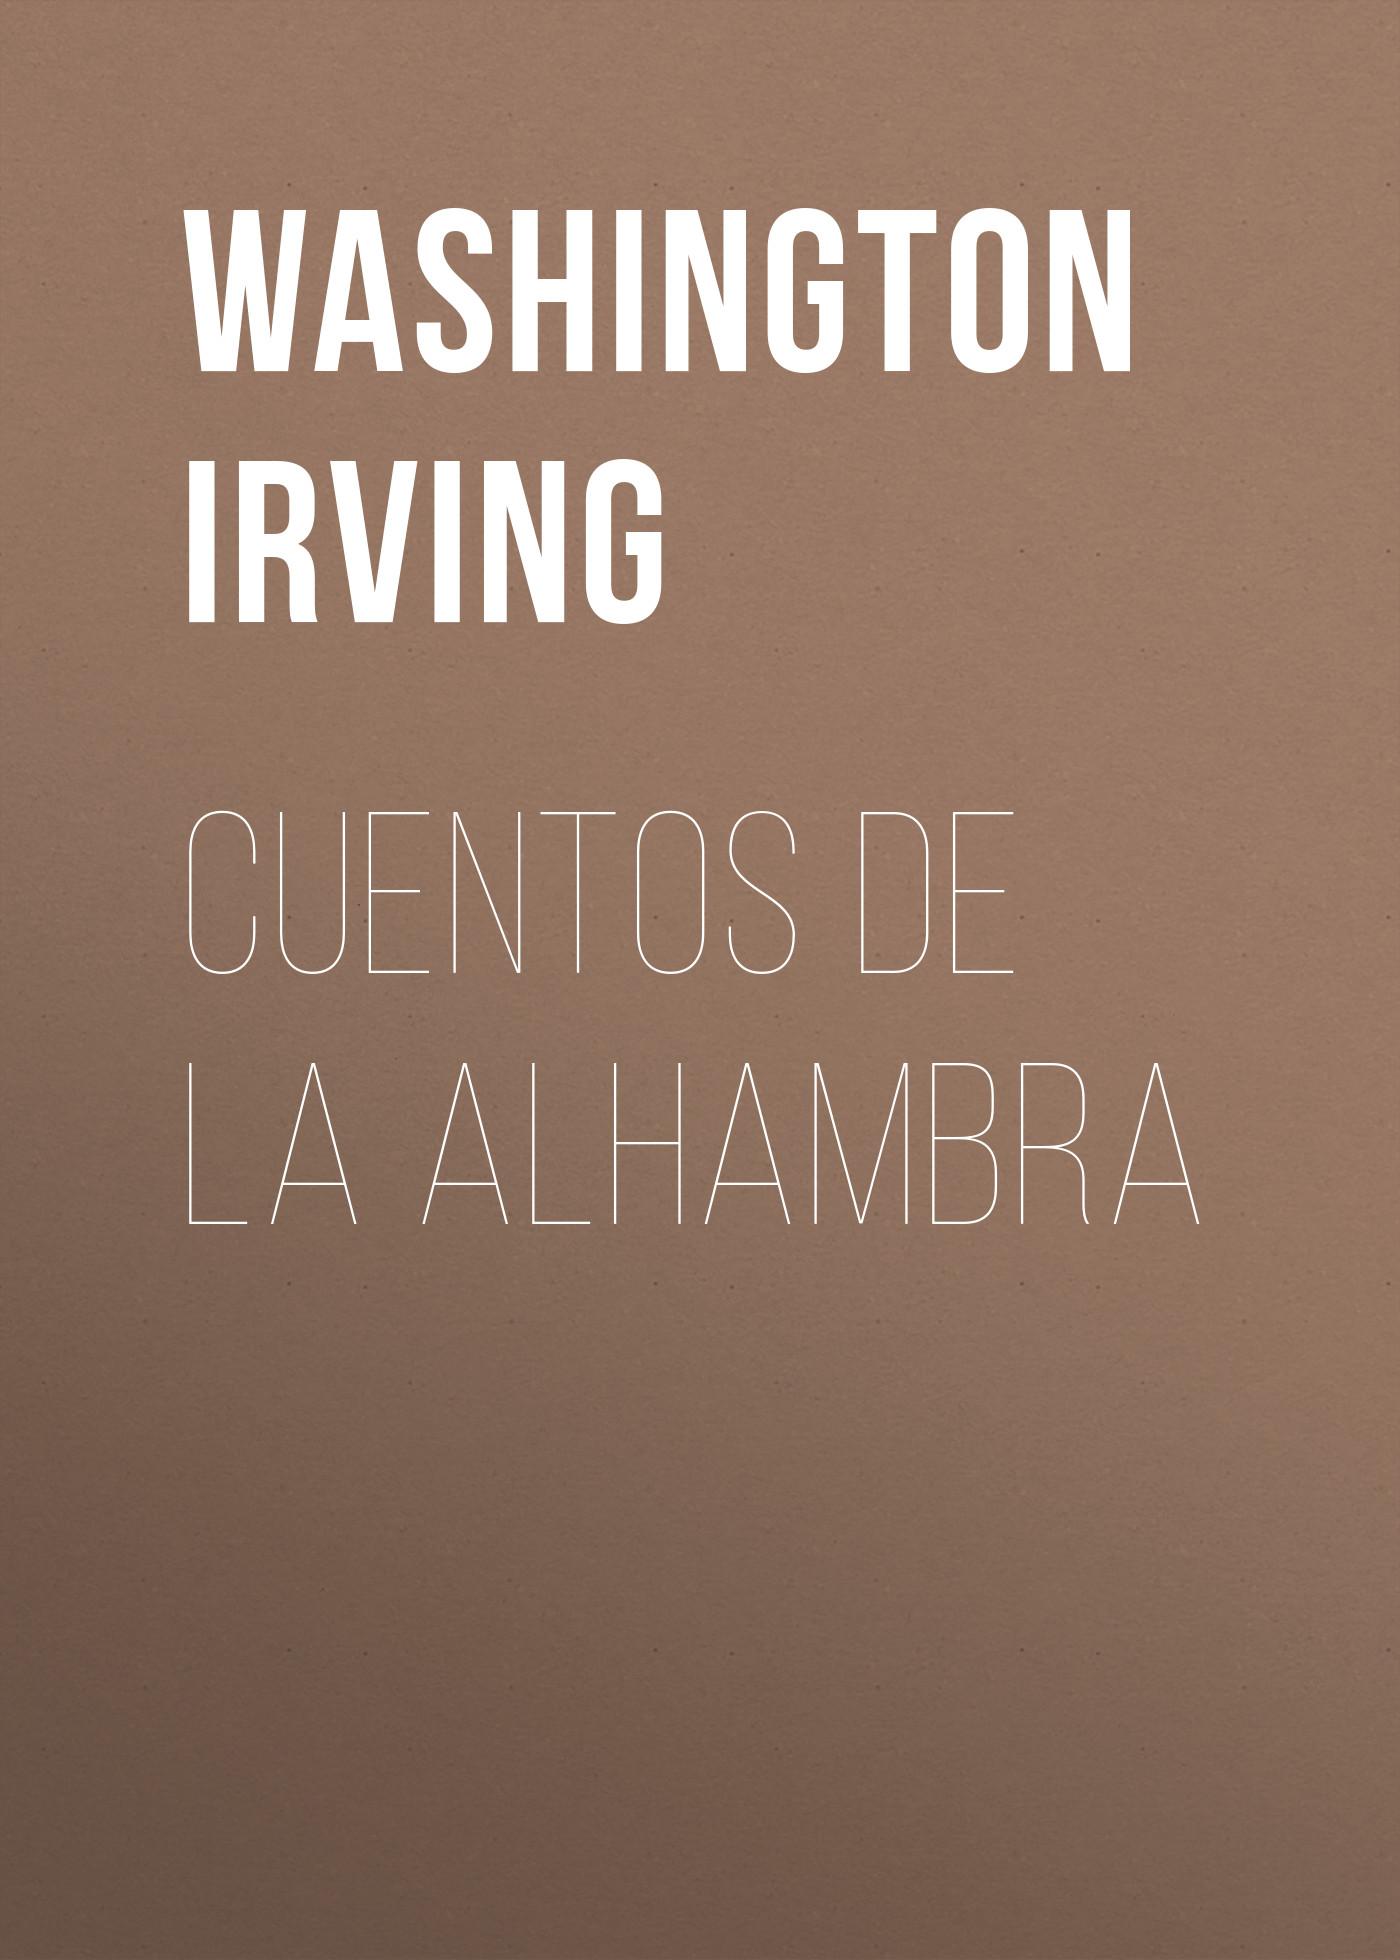 Вашингтон Ирвинг Cuentos de la Alhambra pushkin a cuentos de pushkin pintura palej